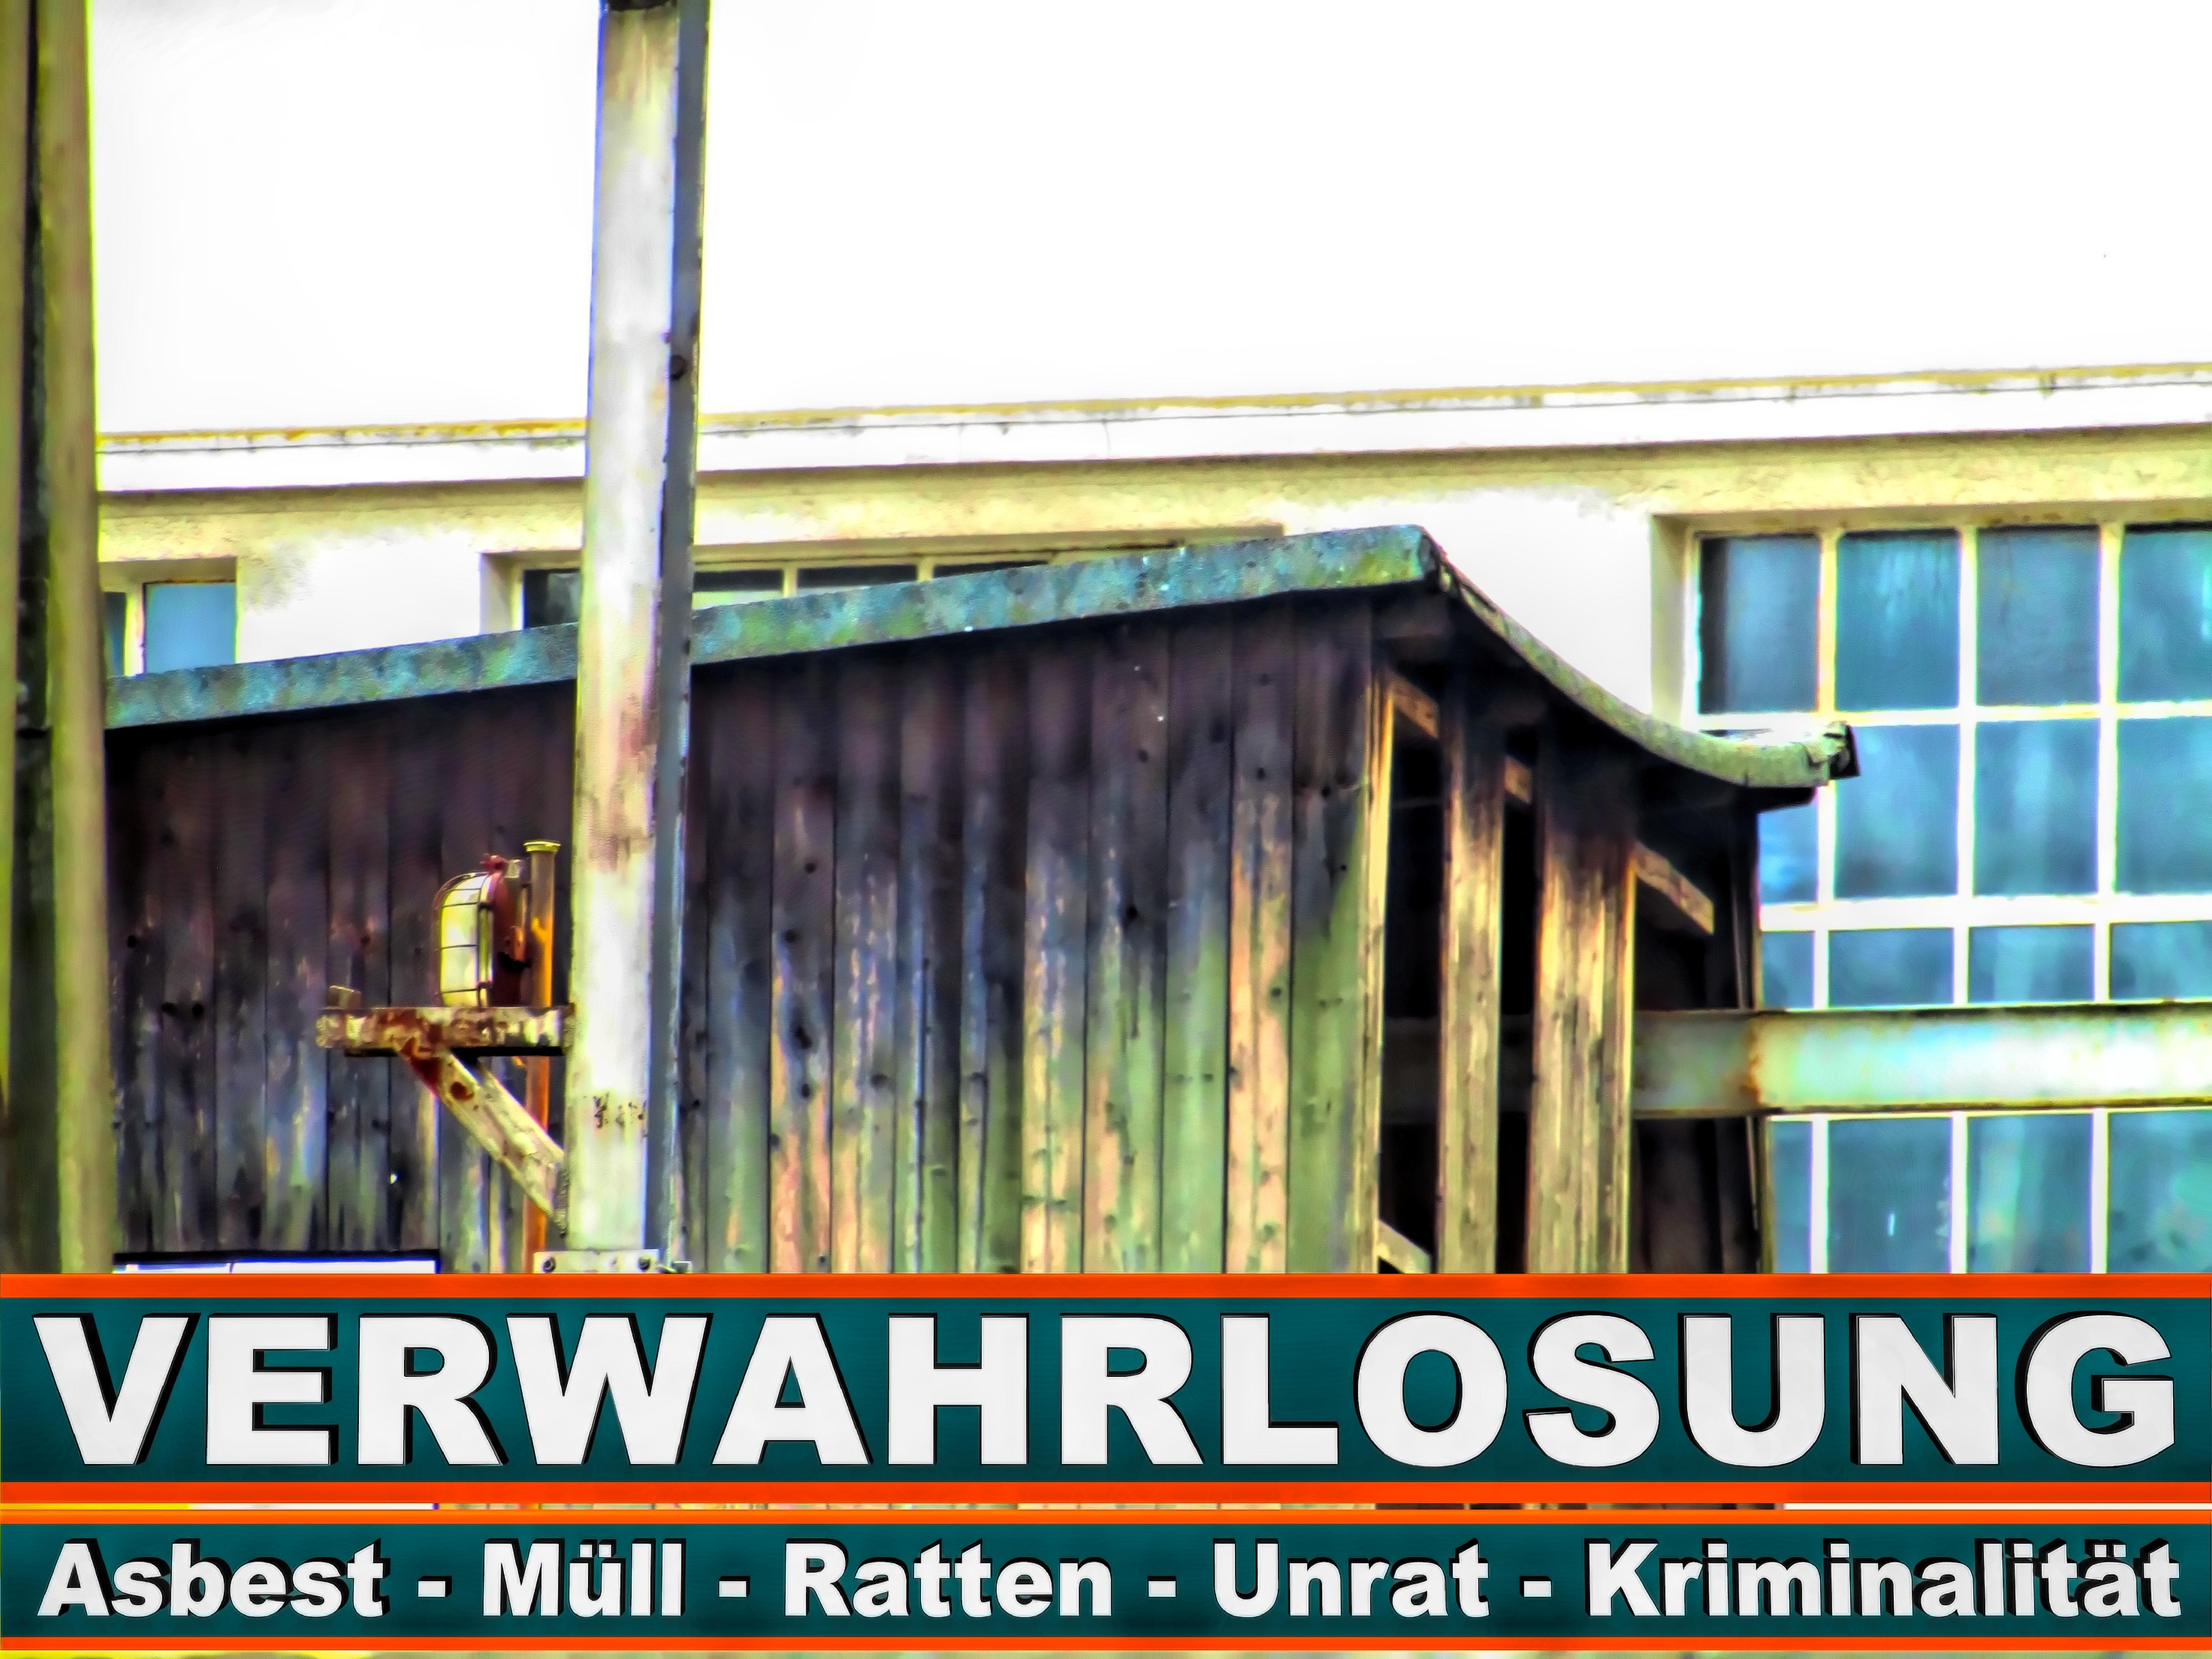 Öko Tech Park Bielefeld PR GERÜSTBAU UG (HAFTUNGSBESCHRÄNKT) Fazil Pamuk Lilienweg 3 Bielefeld 033